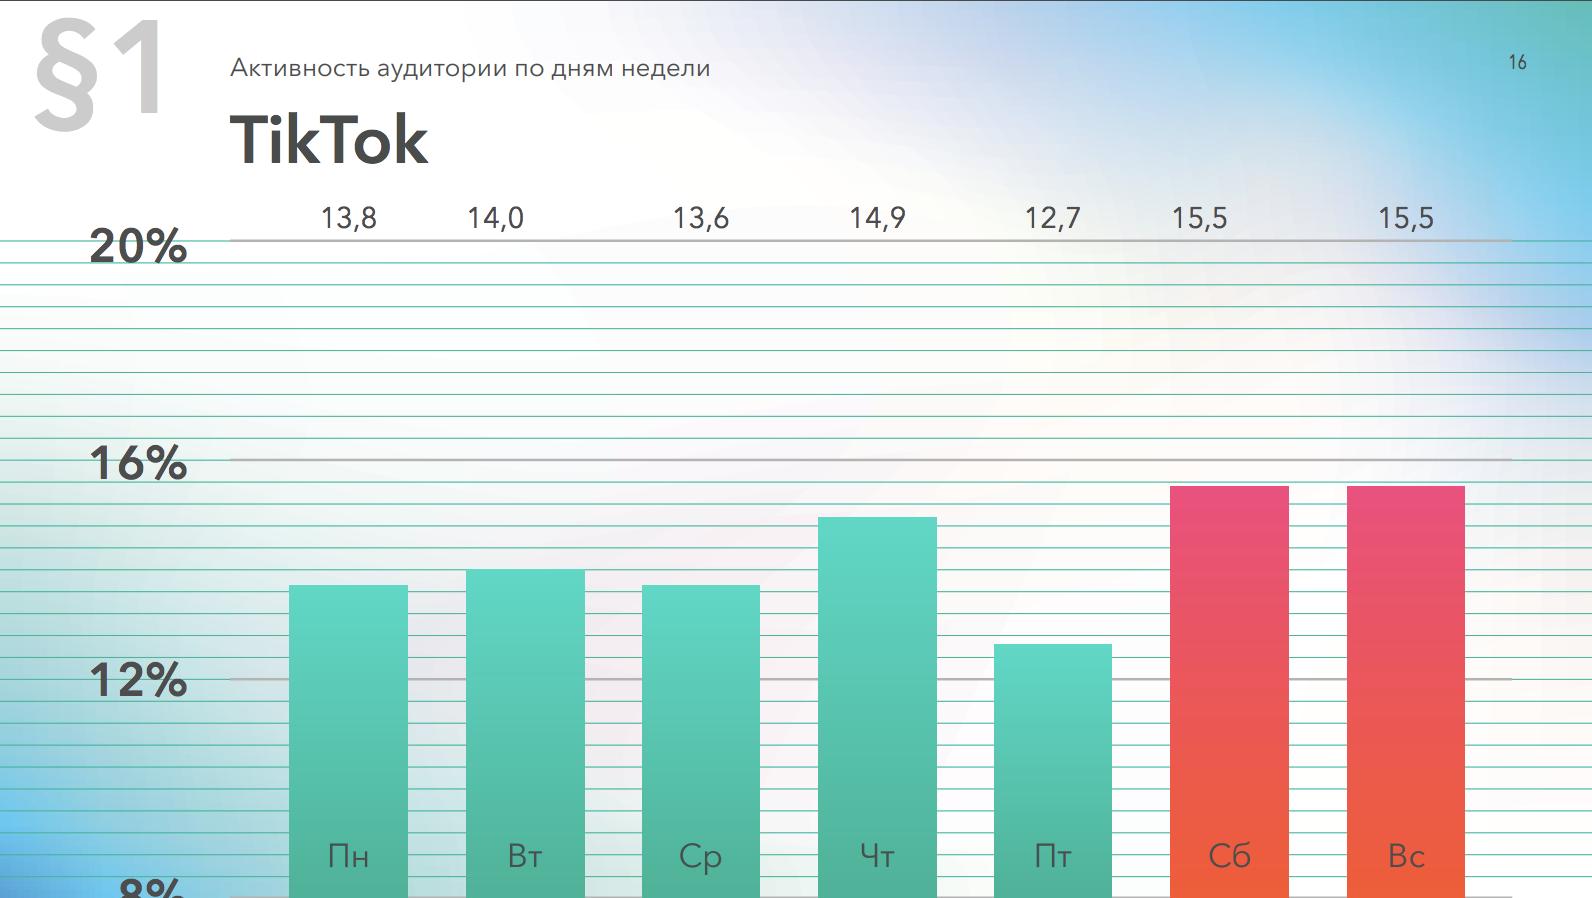 Дни с наибольшей активностью пользователей в ТикТок